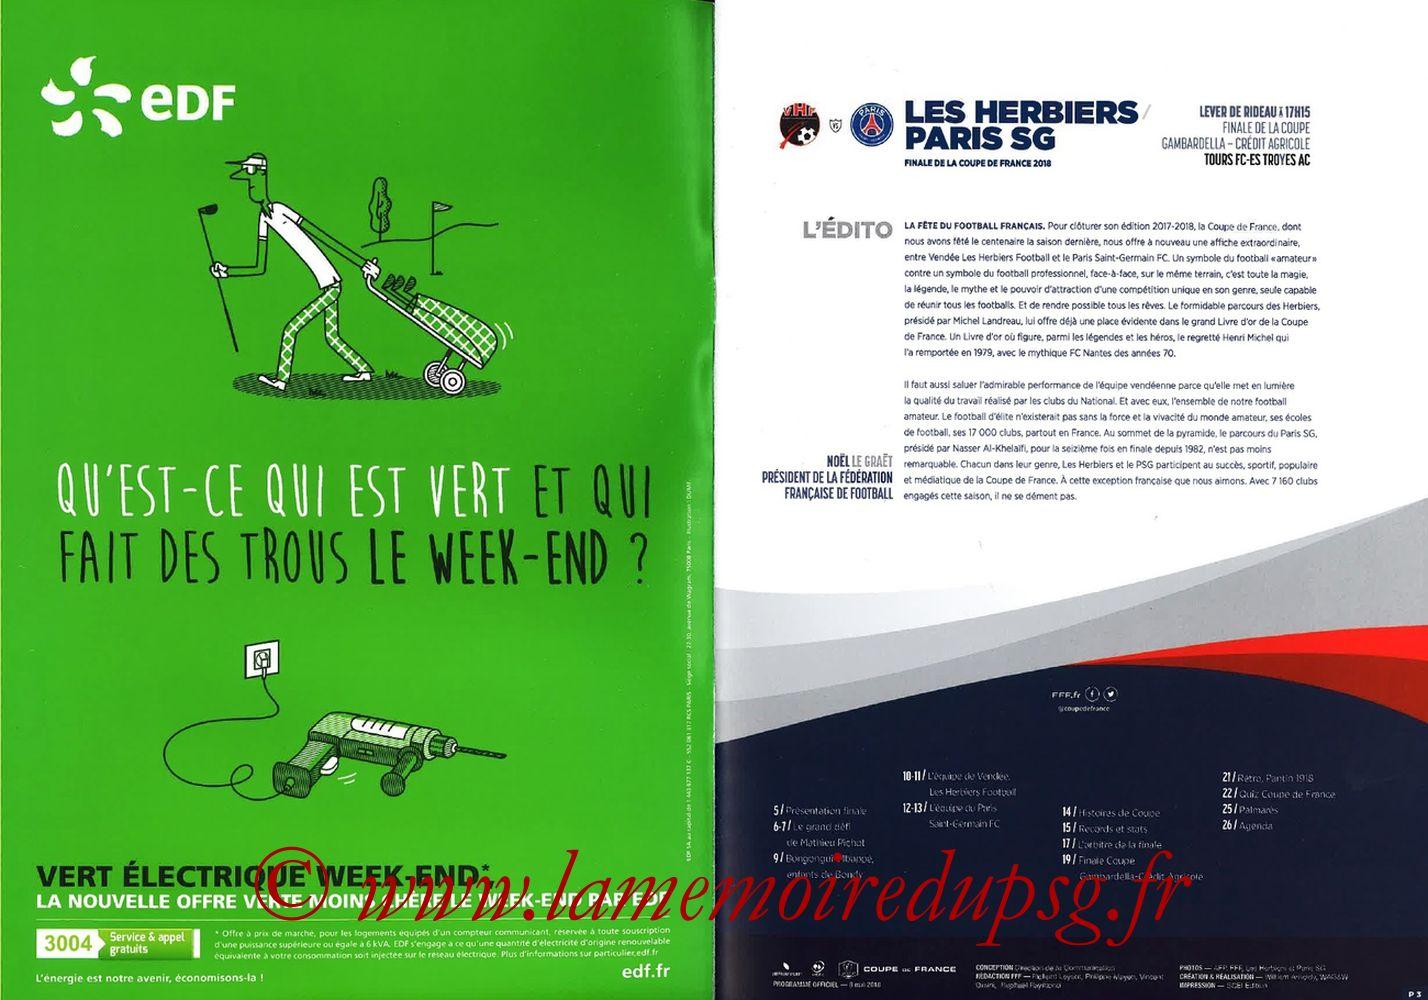 2018-05-08  Les Herbiers-PSG (Finale CF à Saint-Denis, Programme officiel FFF) - Pages 02 et 03